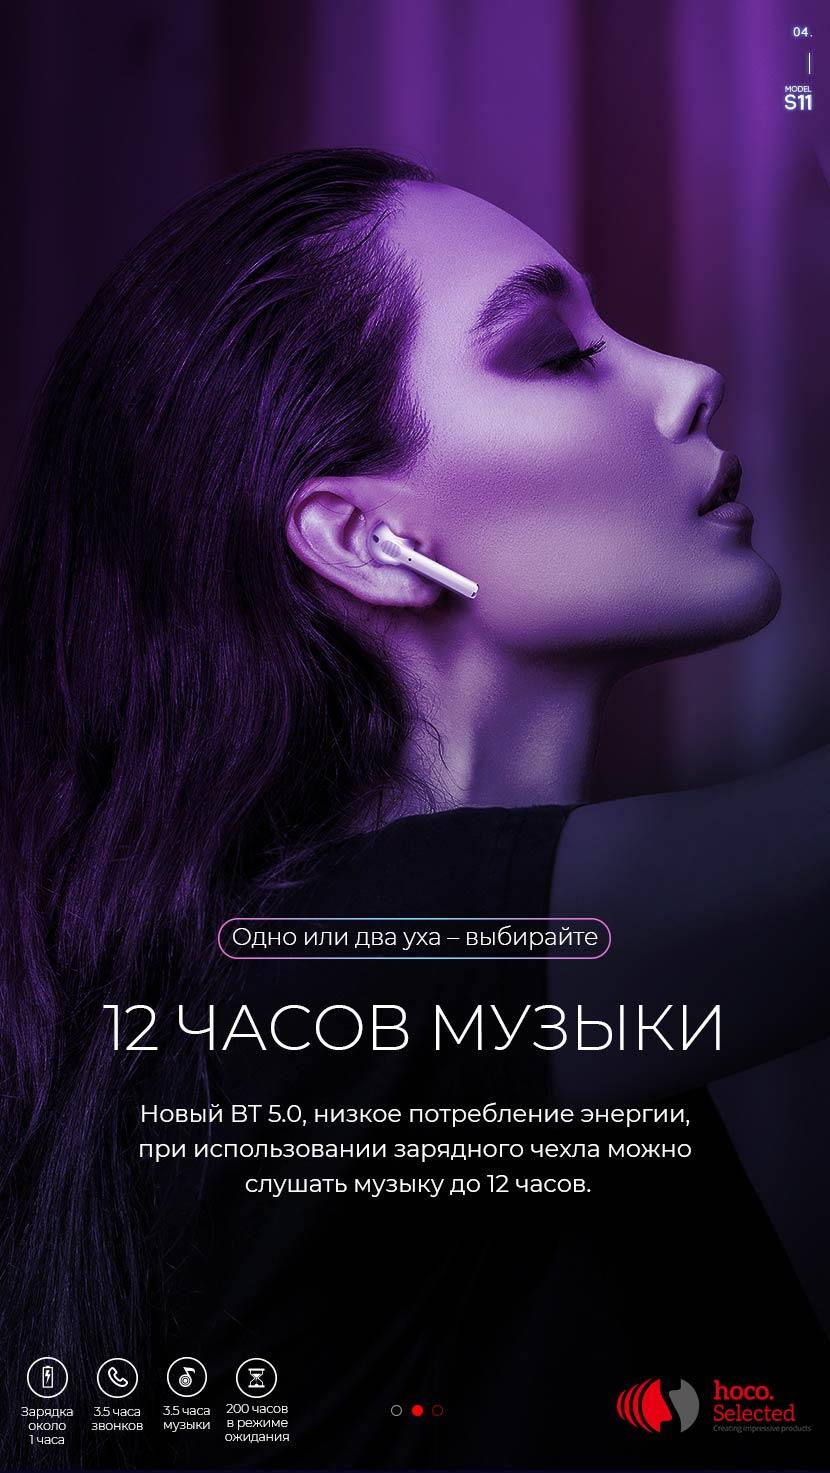 hoco selected новости s11 melody беспроводная гарнитура время ru